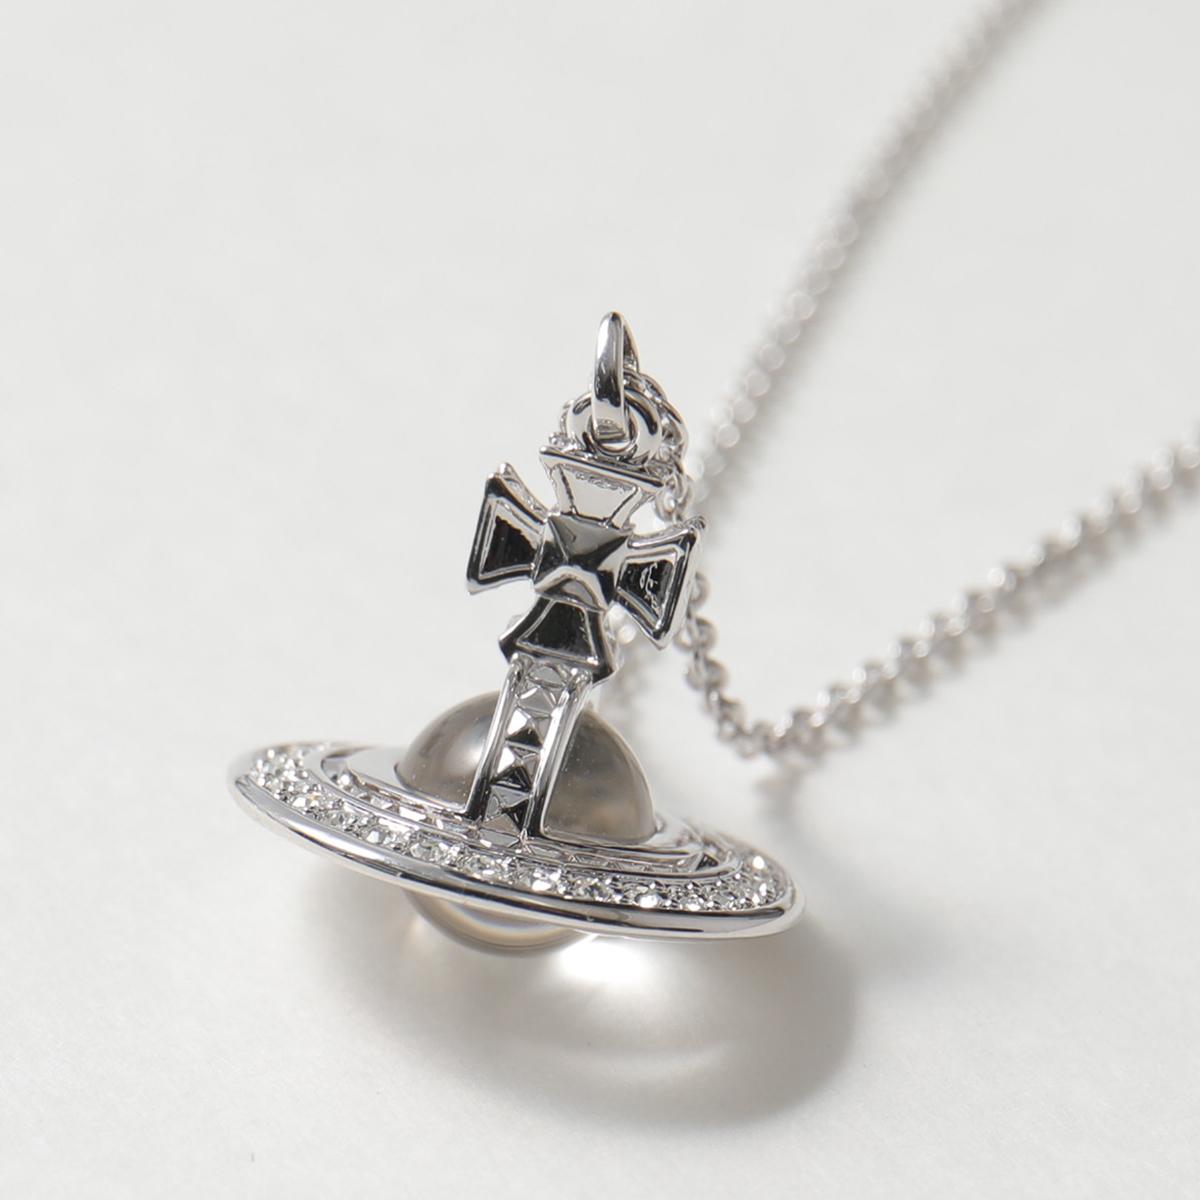 VivienneWestwood ヴィヴィアンウエストウッド 63020113 W110 PINA SMALL ORB ネックレス アクセサリー ペンダント シルバー RHODIUM-Crystal レディース